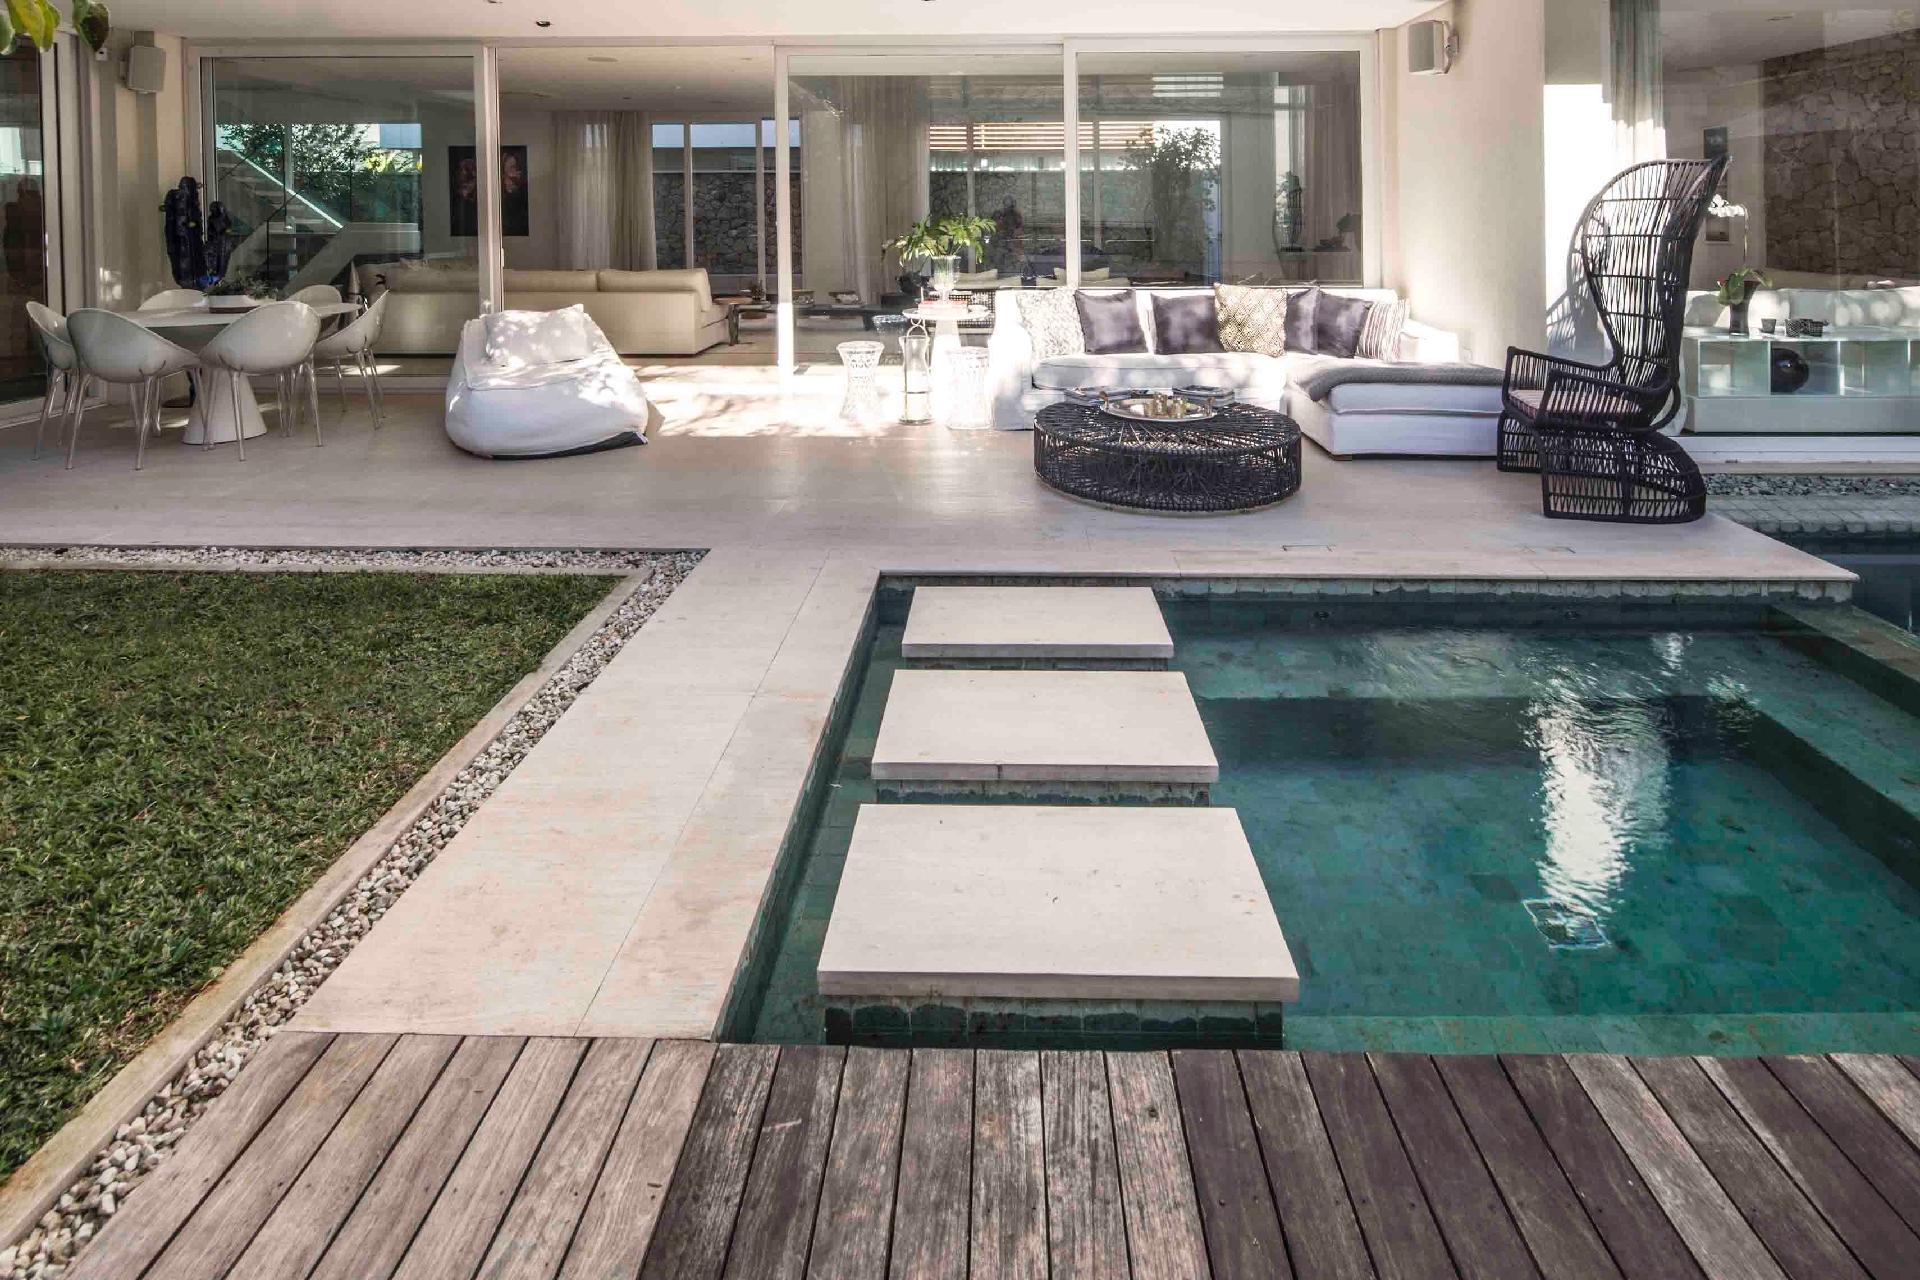 O deck de madeira de demolição contorna a piscina e o spa e contrasta com o piso de mármore da varanda. Ali, o mobiliário é confortável com pufes e sofás para o descanso. A casa no condomínio Bauhaus foi projetada pela arquiteta Monica Drucker